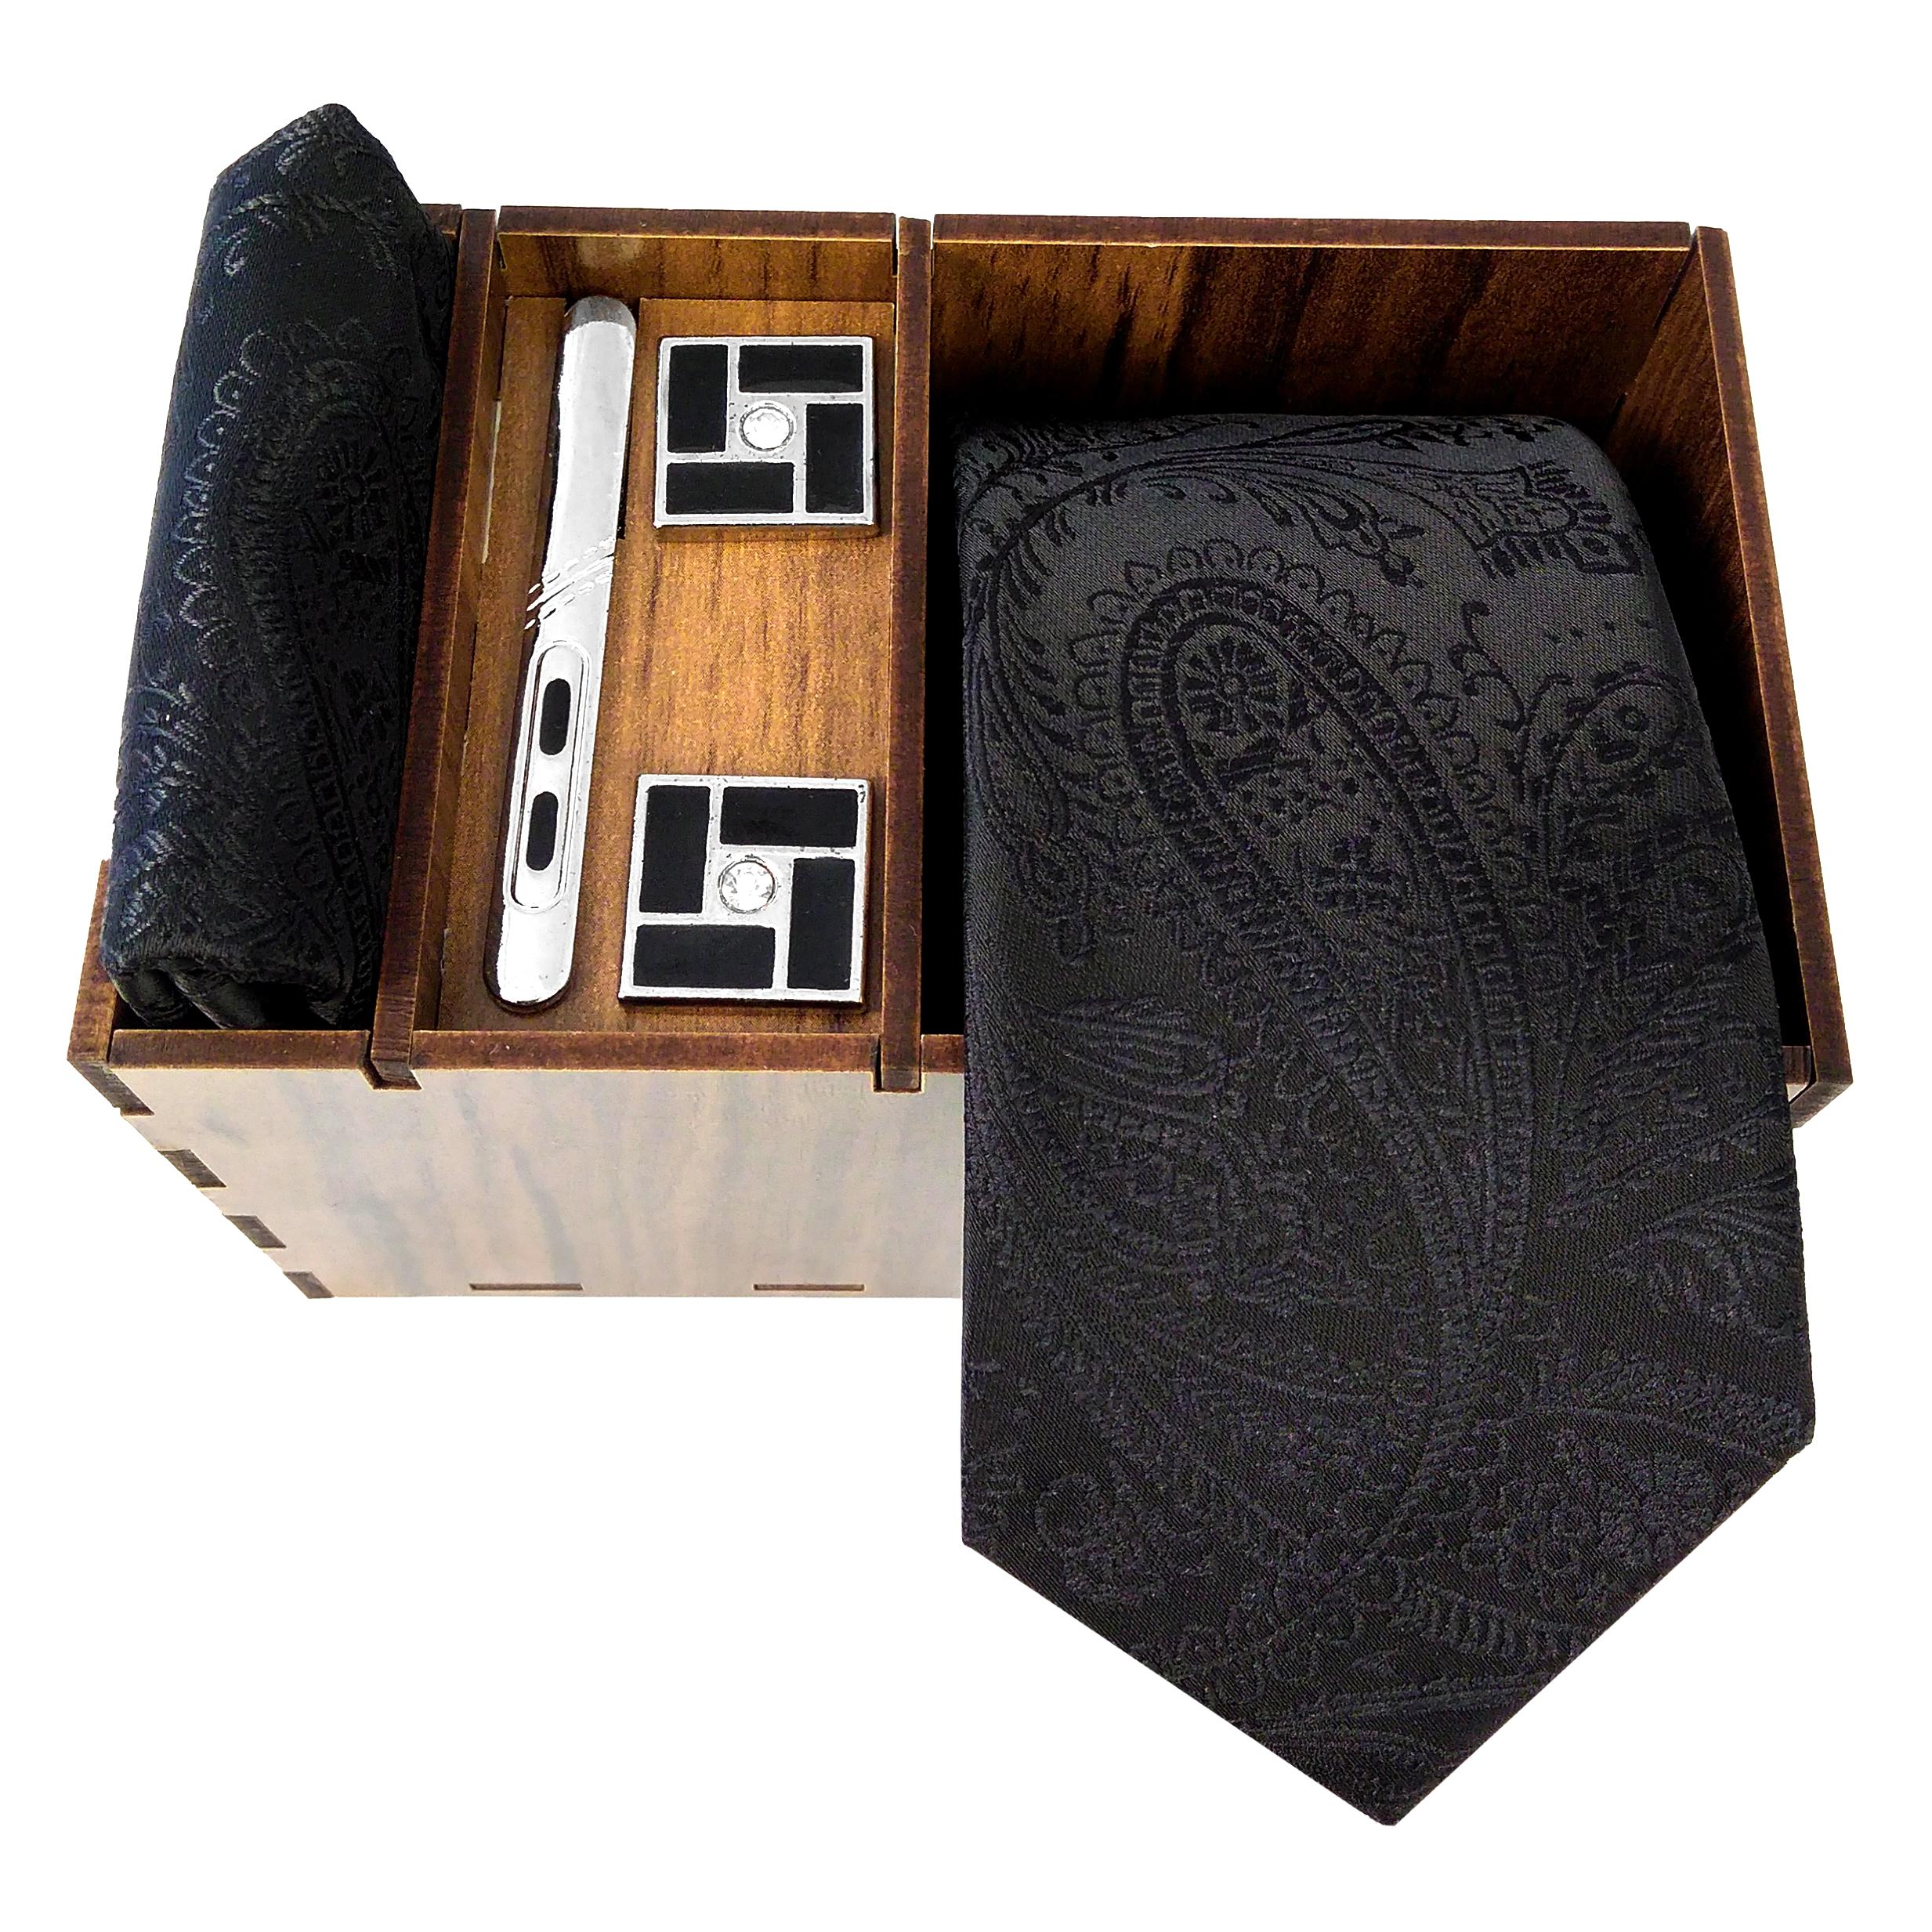 ست کراوات و دستمال جیب و دکمه سر دست مردانه کد 431